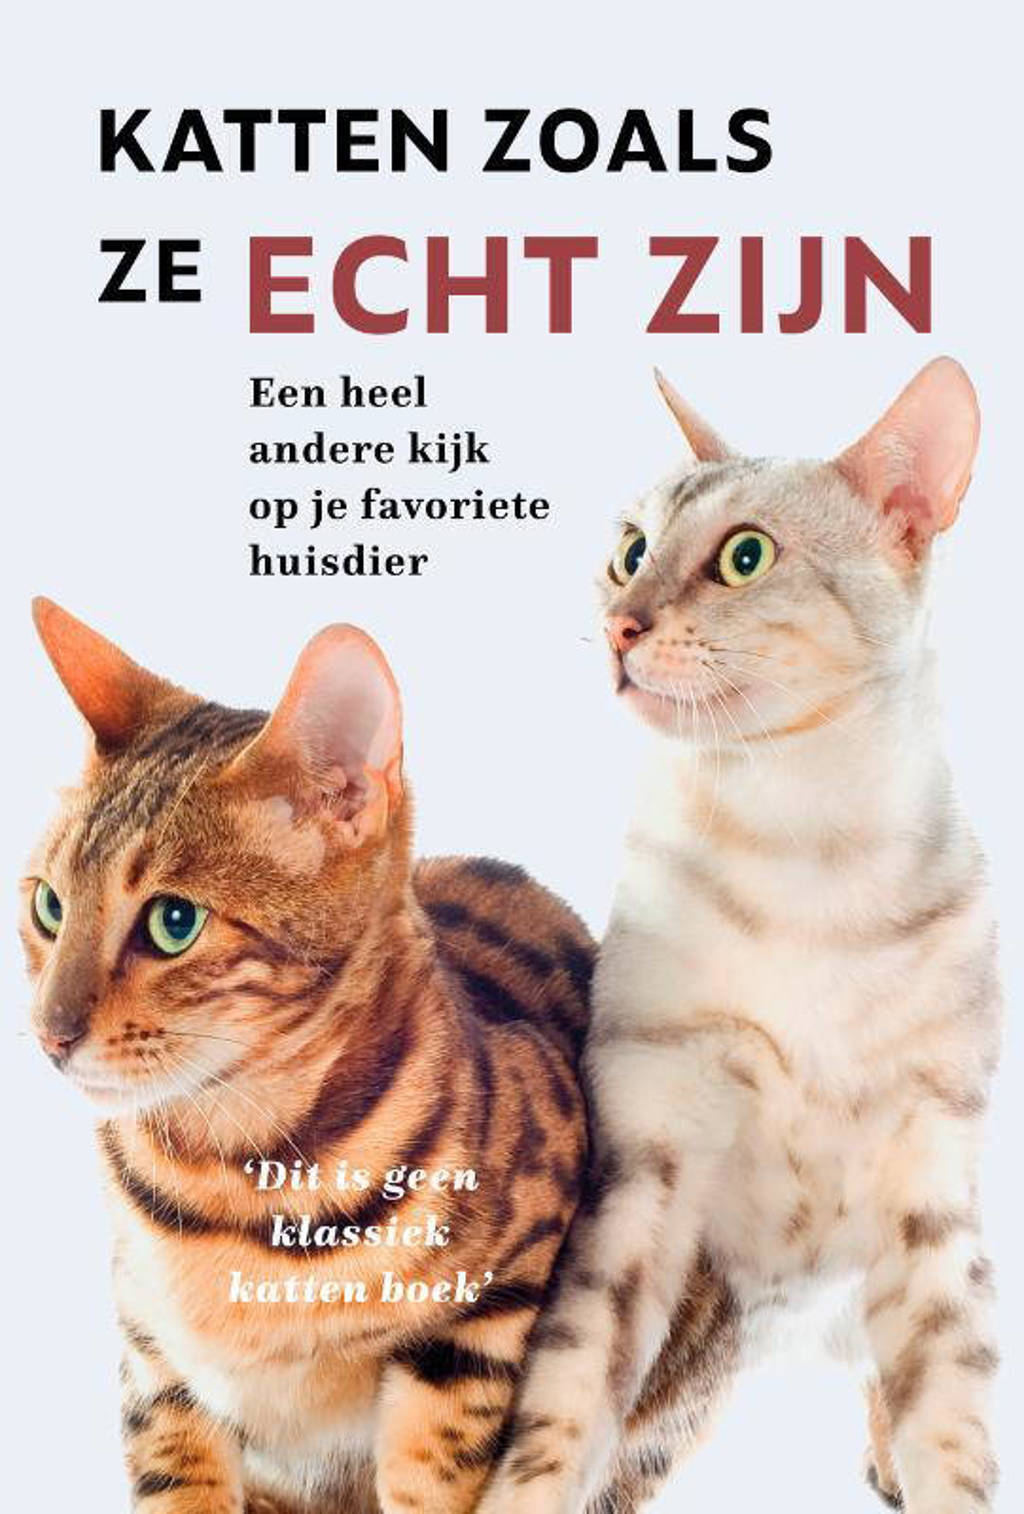 Katten zoals ze echt zijn - Chris Dusauchoit